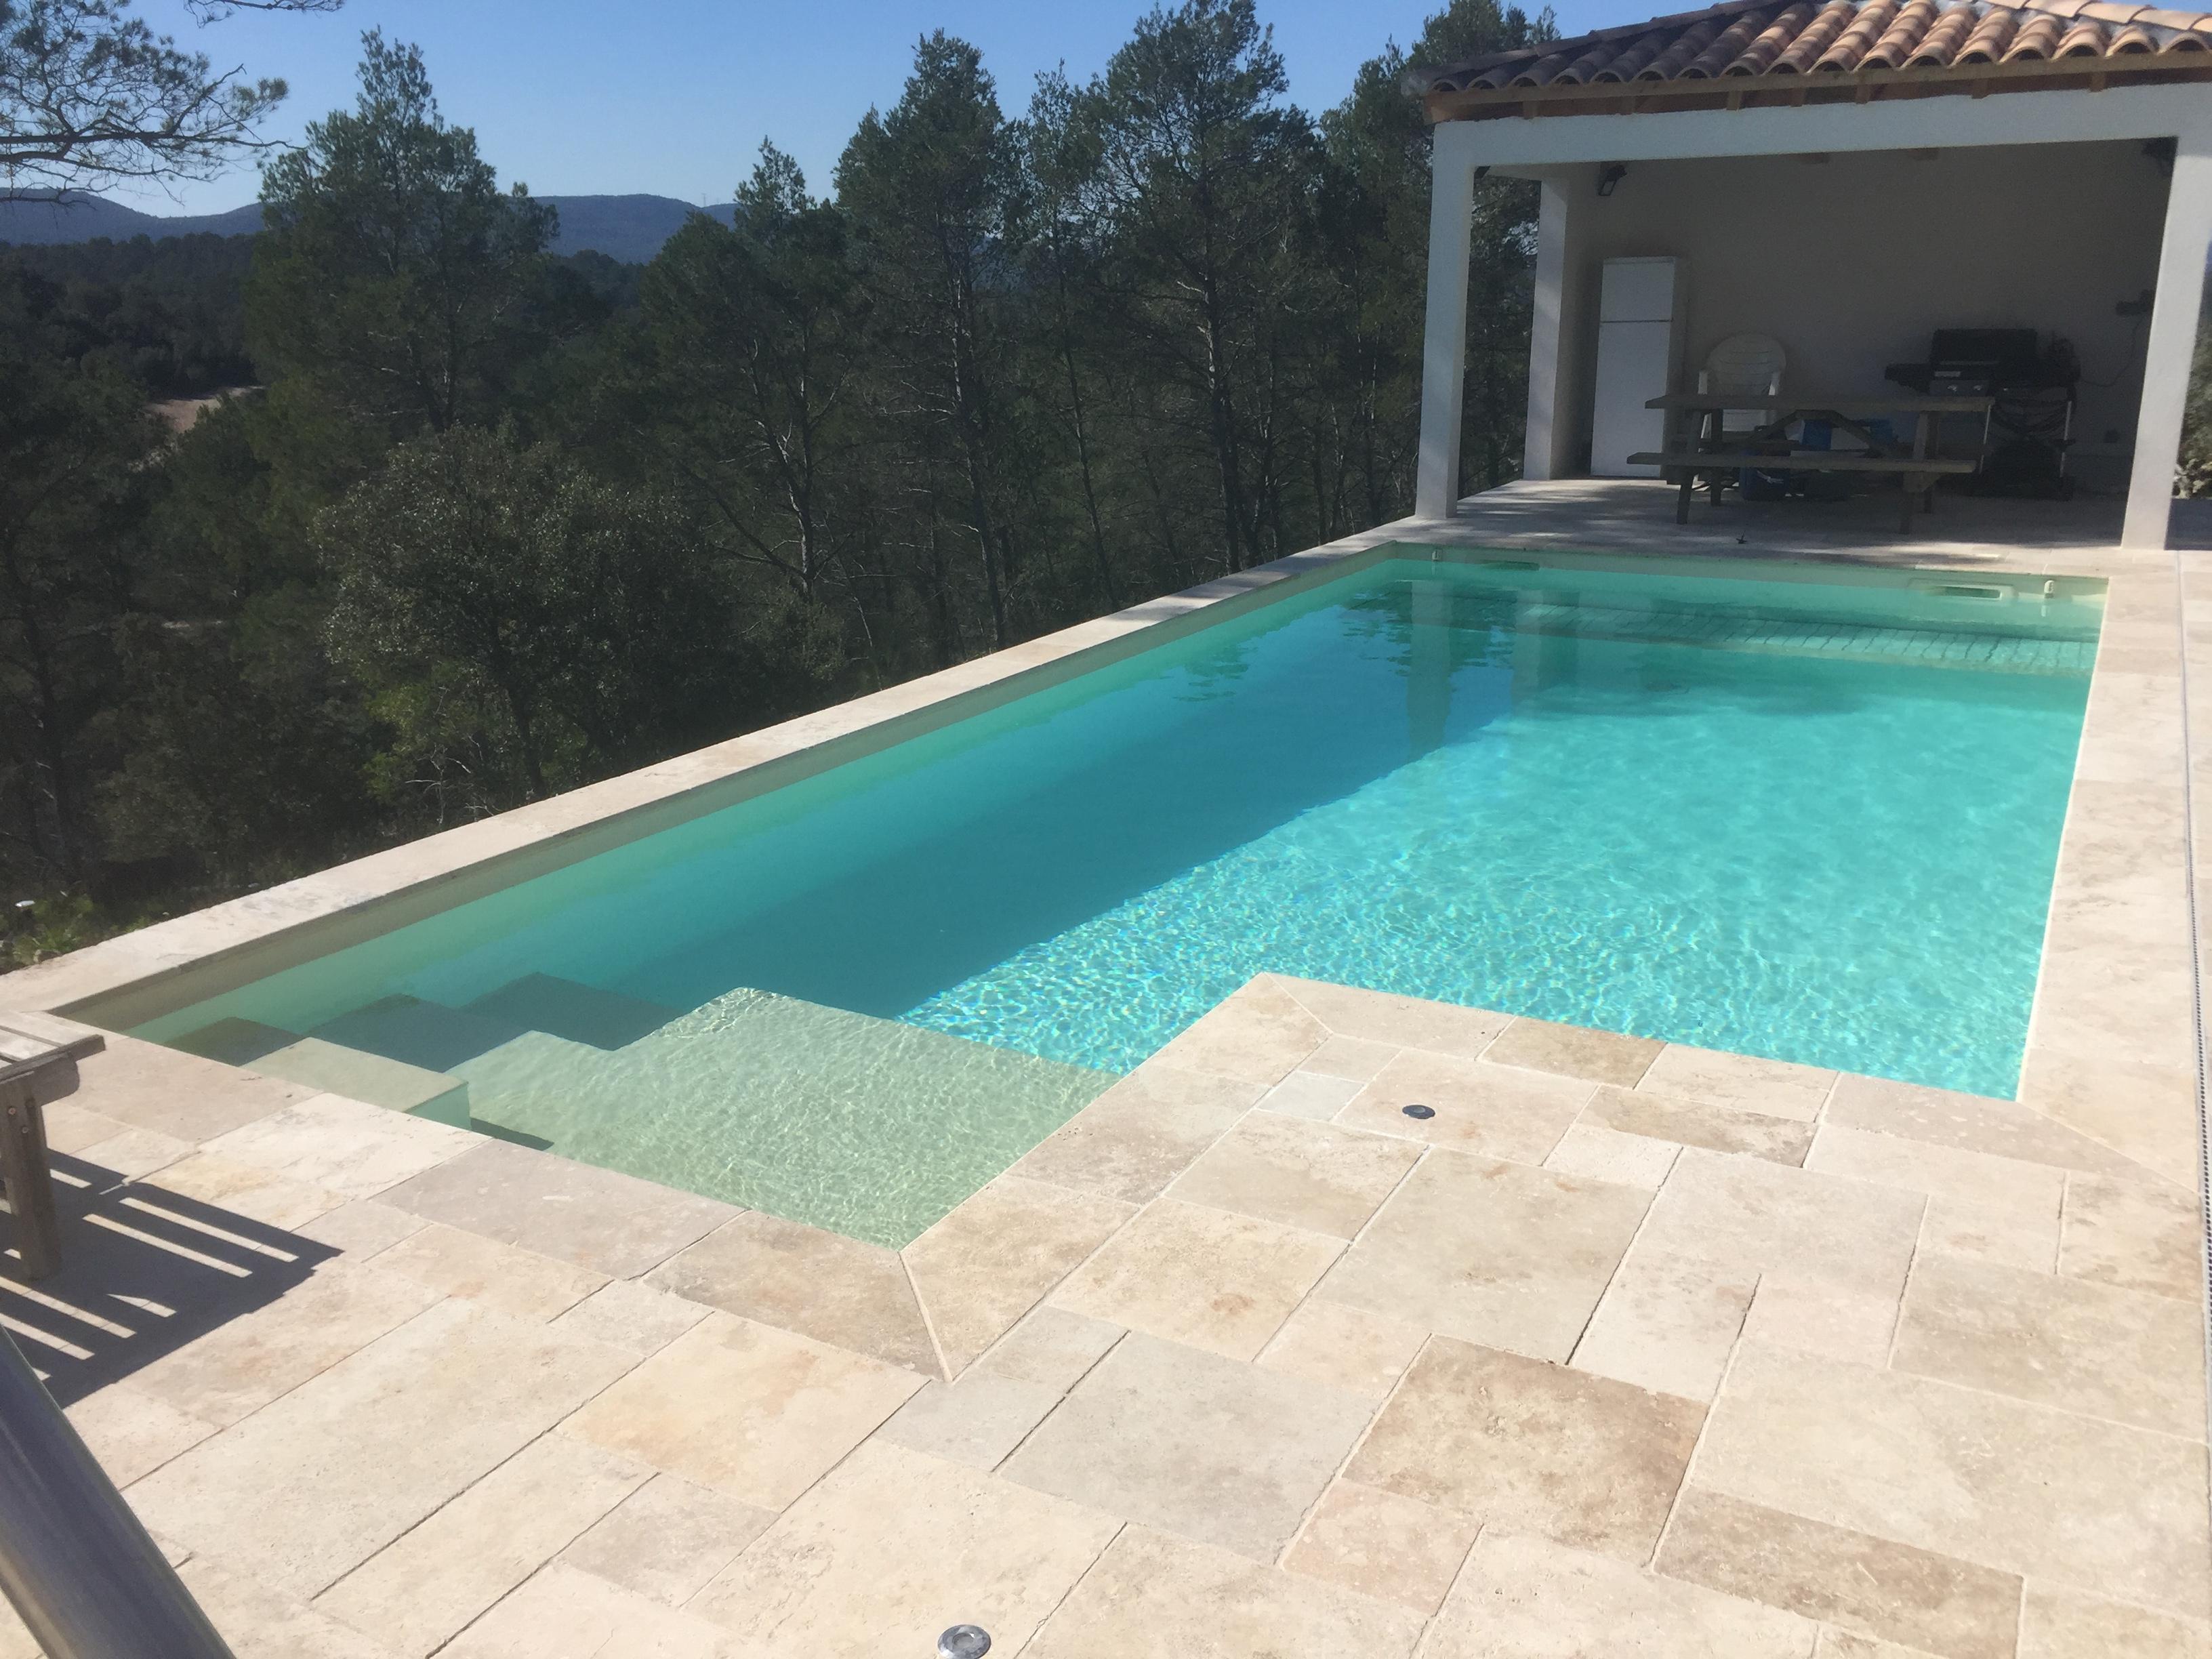 Changer la couleur de l\'eau de votre piscine ! - Rénovation ...